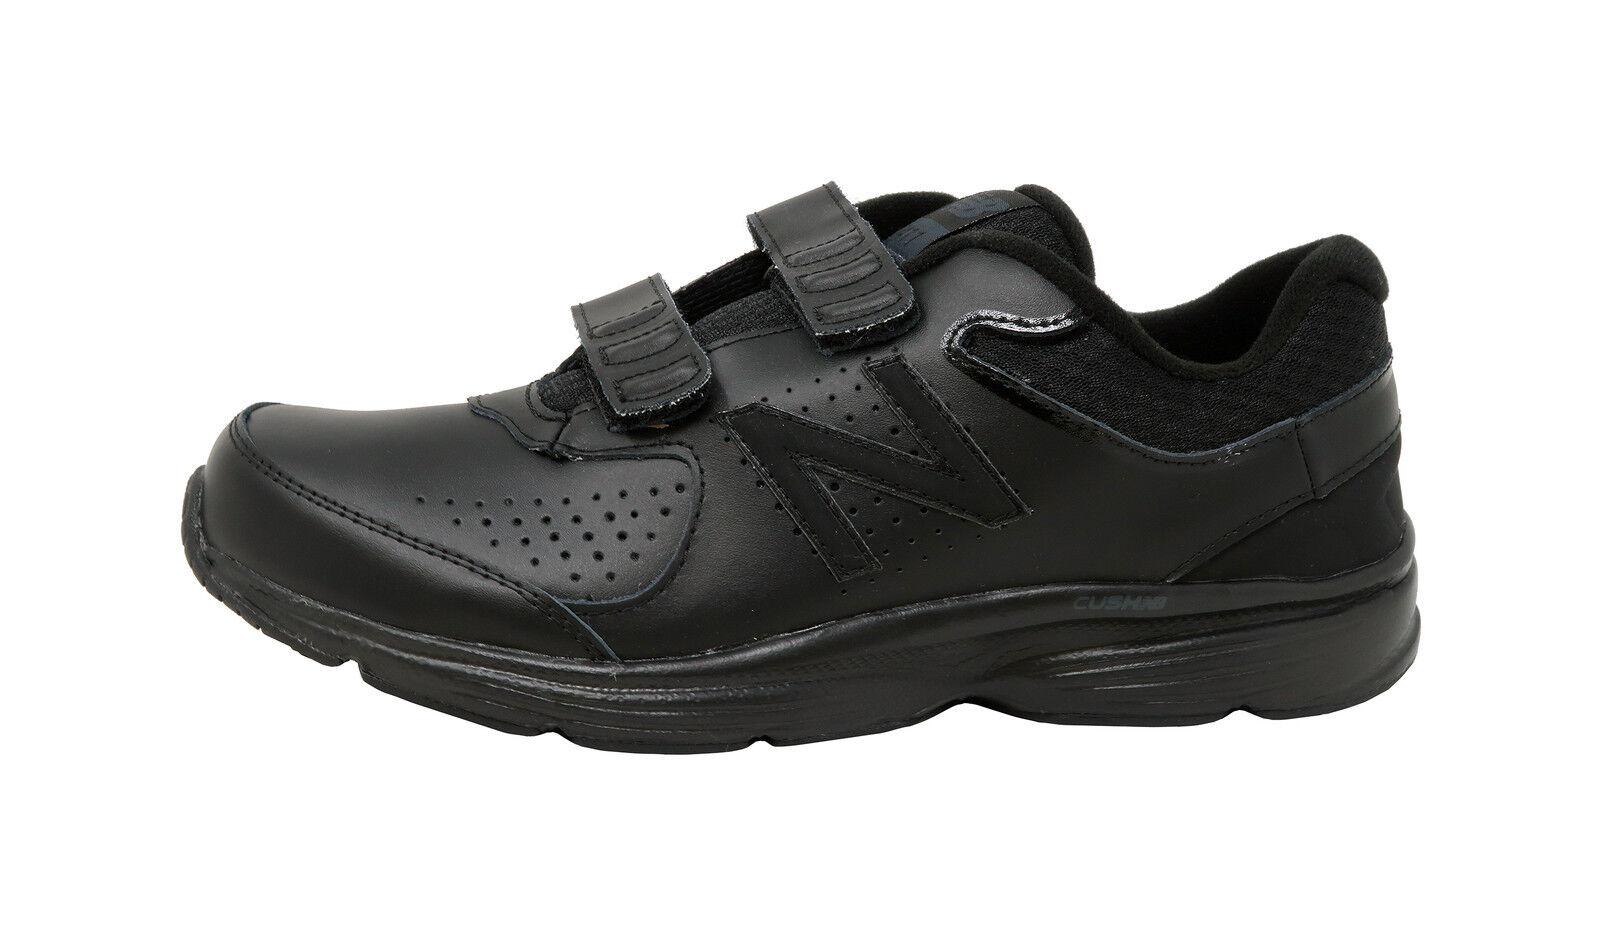 New Balance 411v2 Men's Walking shoes MW411HK2- Black Black